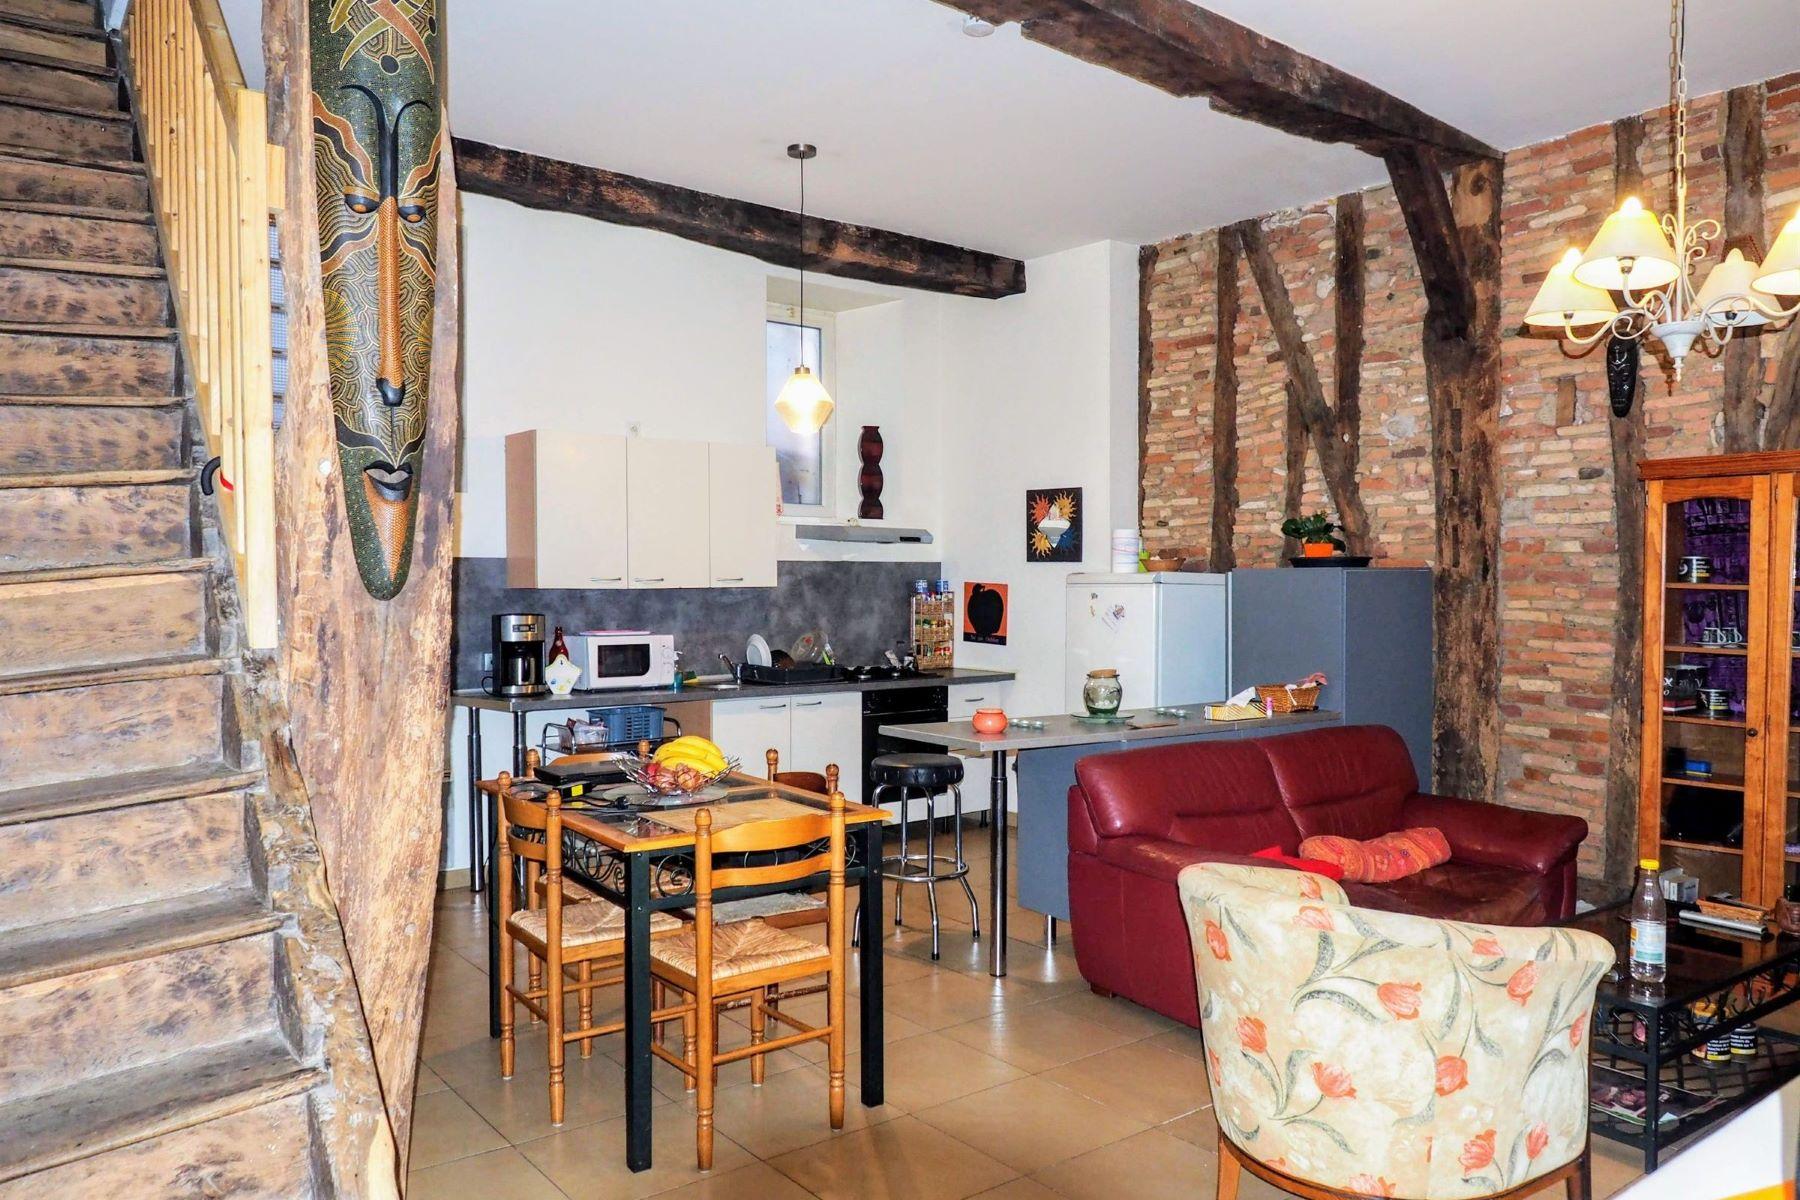 townhouses for Sale at GRAULHET Centre historique, jolie petite maison Graulhet, Midi Pyrenees 81300 France